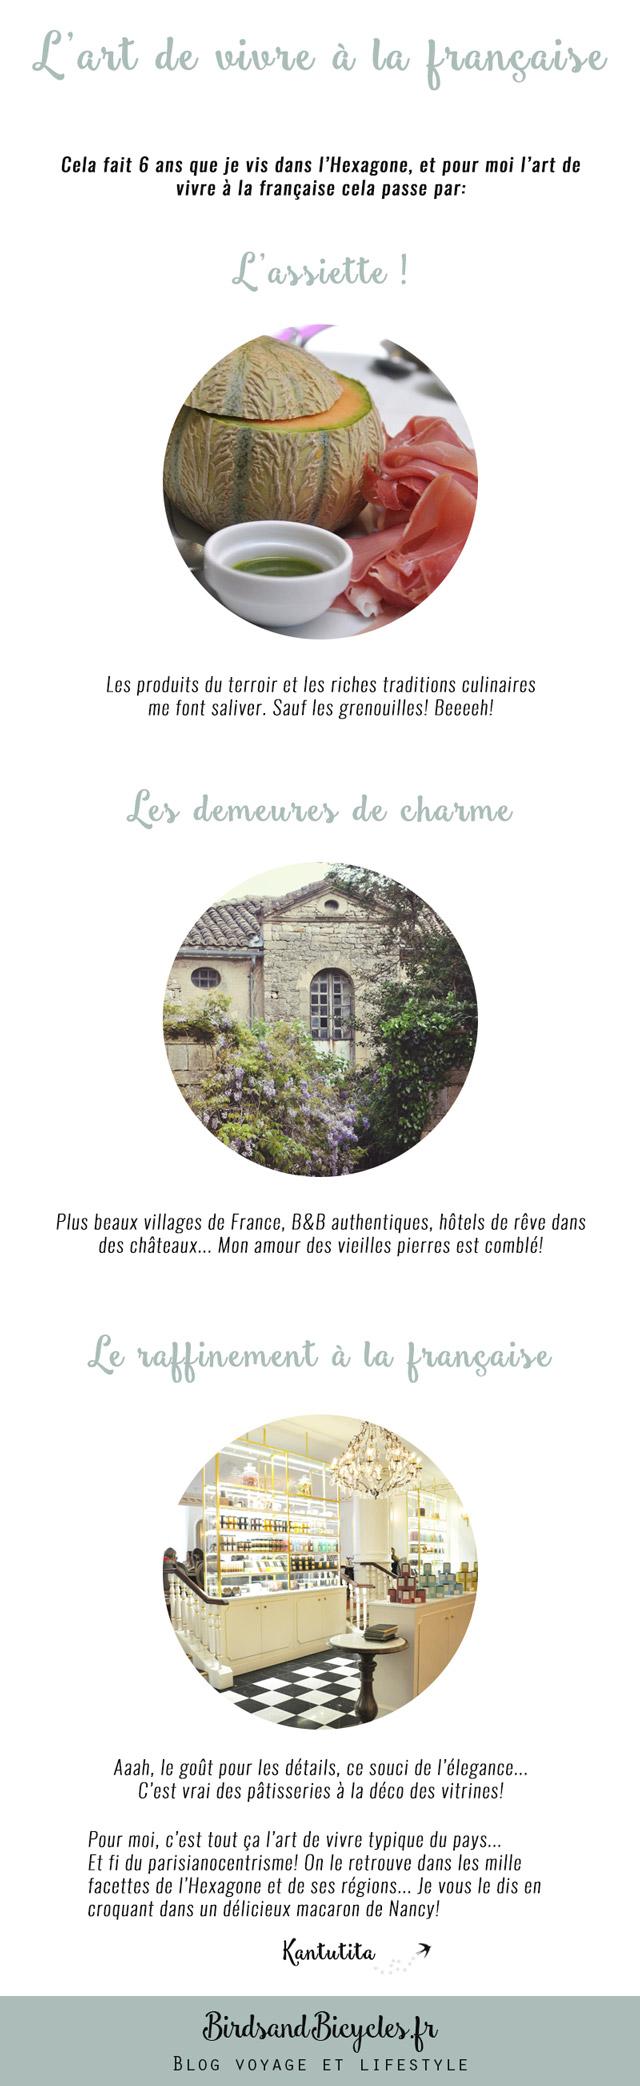 L'art de vivre à la française... vu par le blog féminin Birds & Bicycles